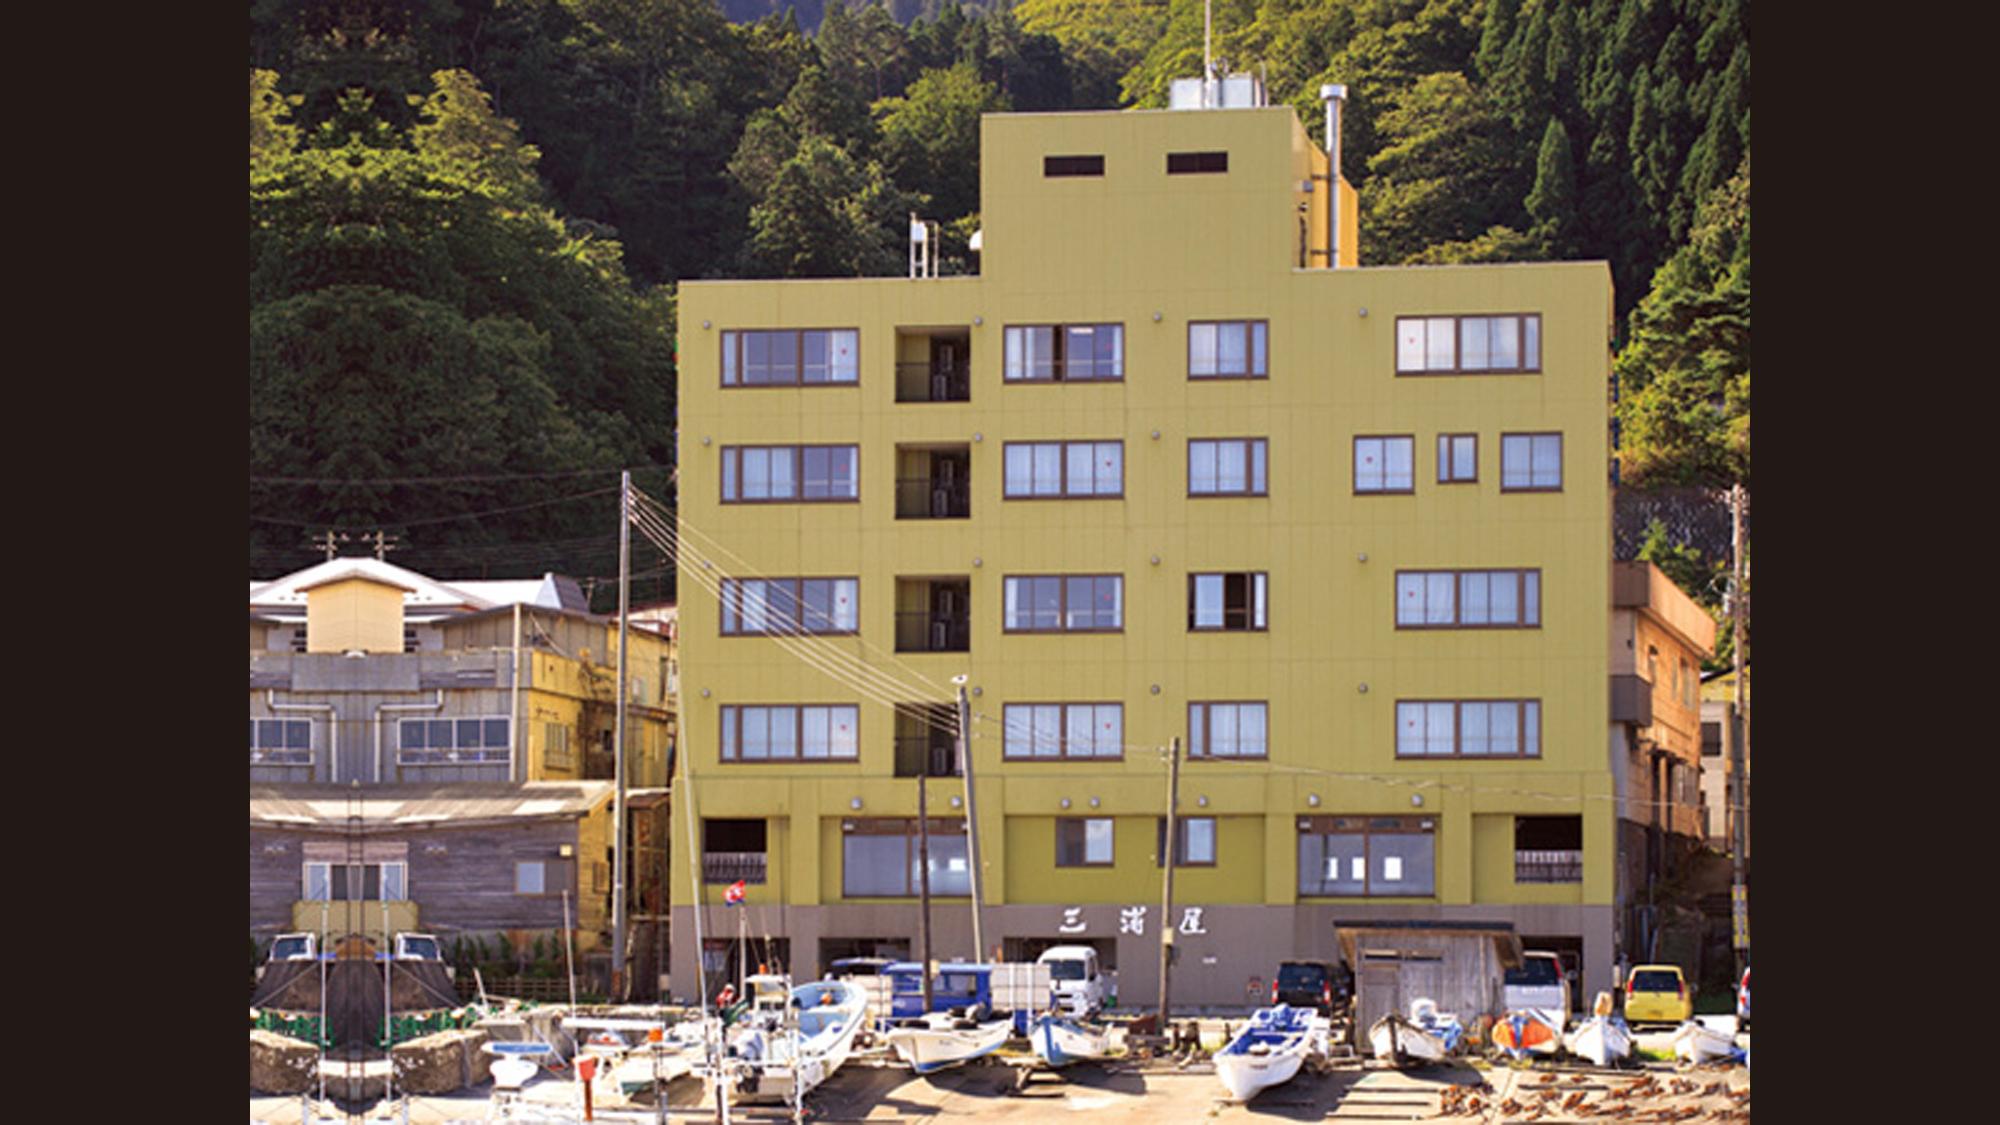 下風呂観光ホテル 三浦屋 image